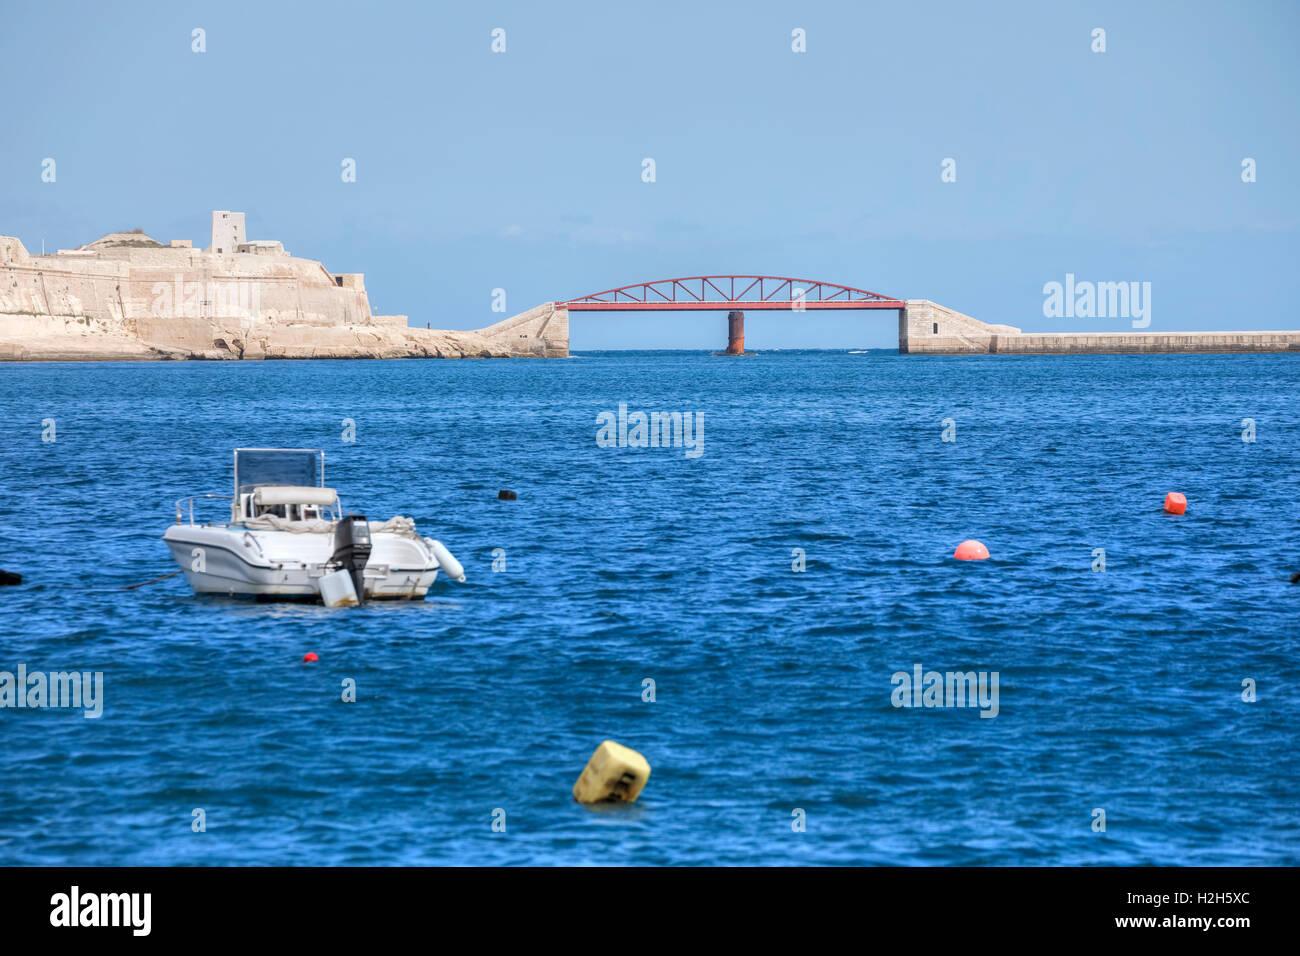 St Elmo Breakwater Bridge, Valletta, Malta - Stock Image